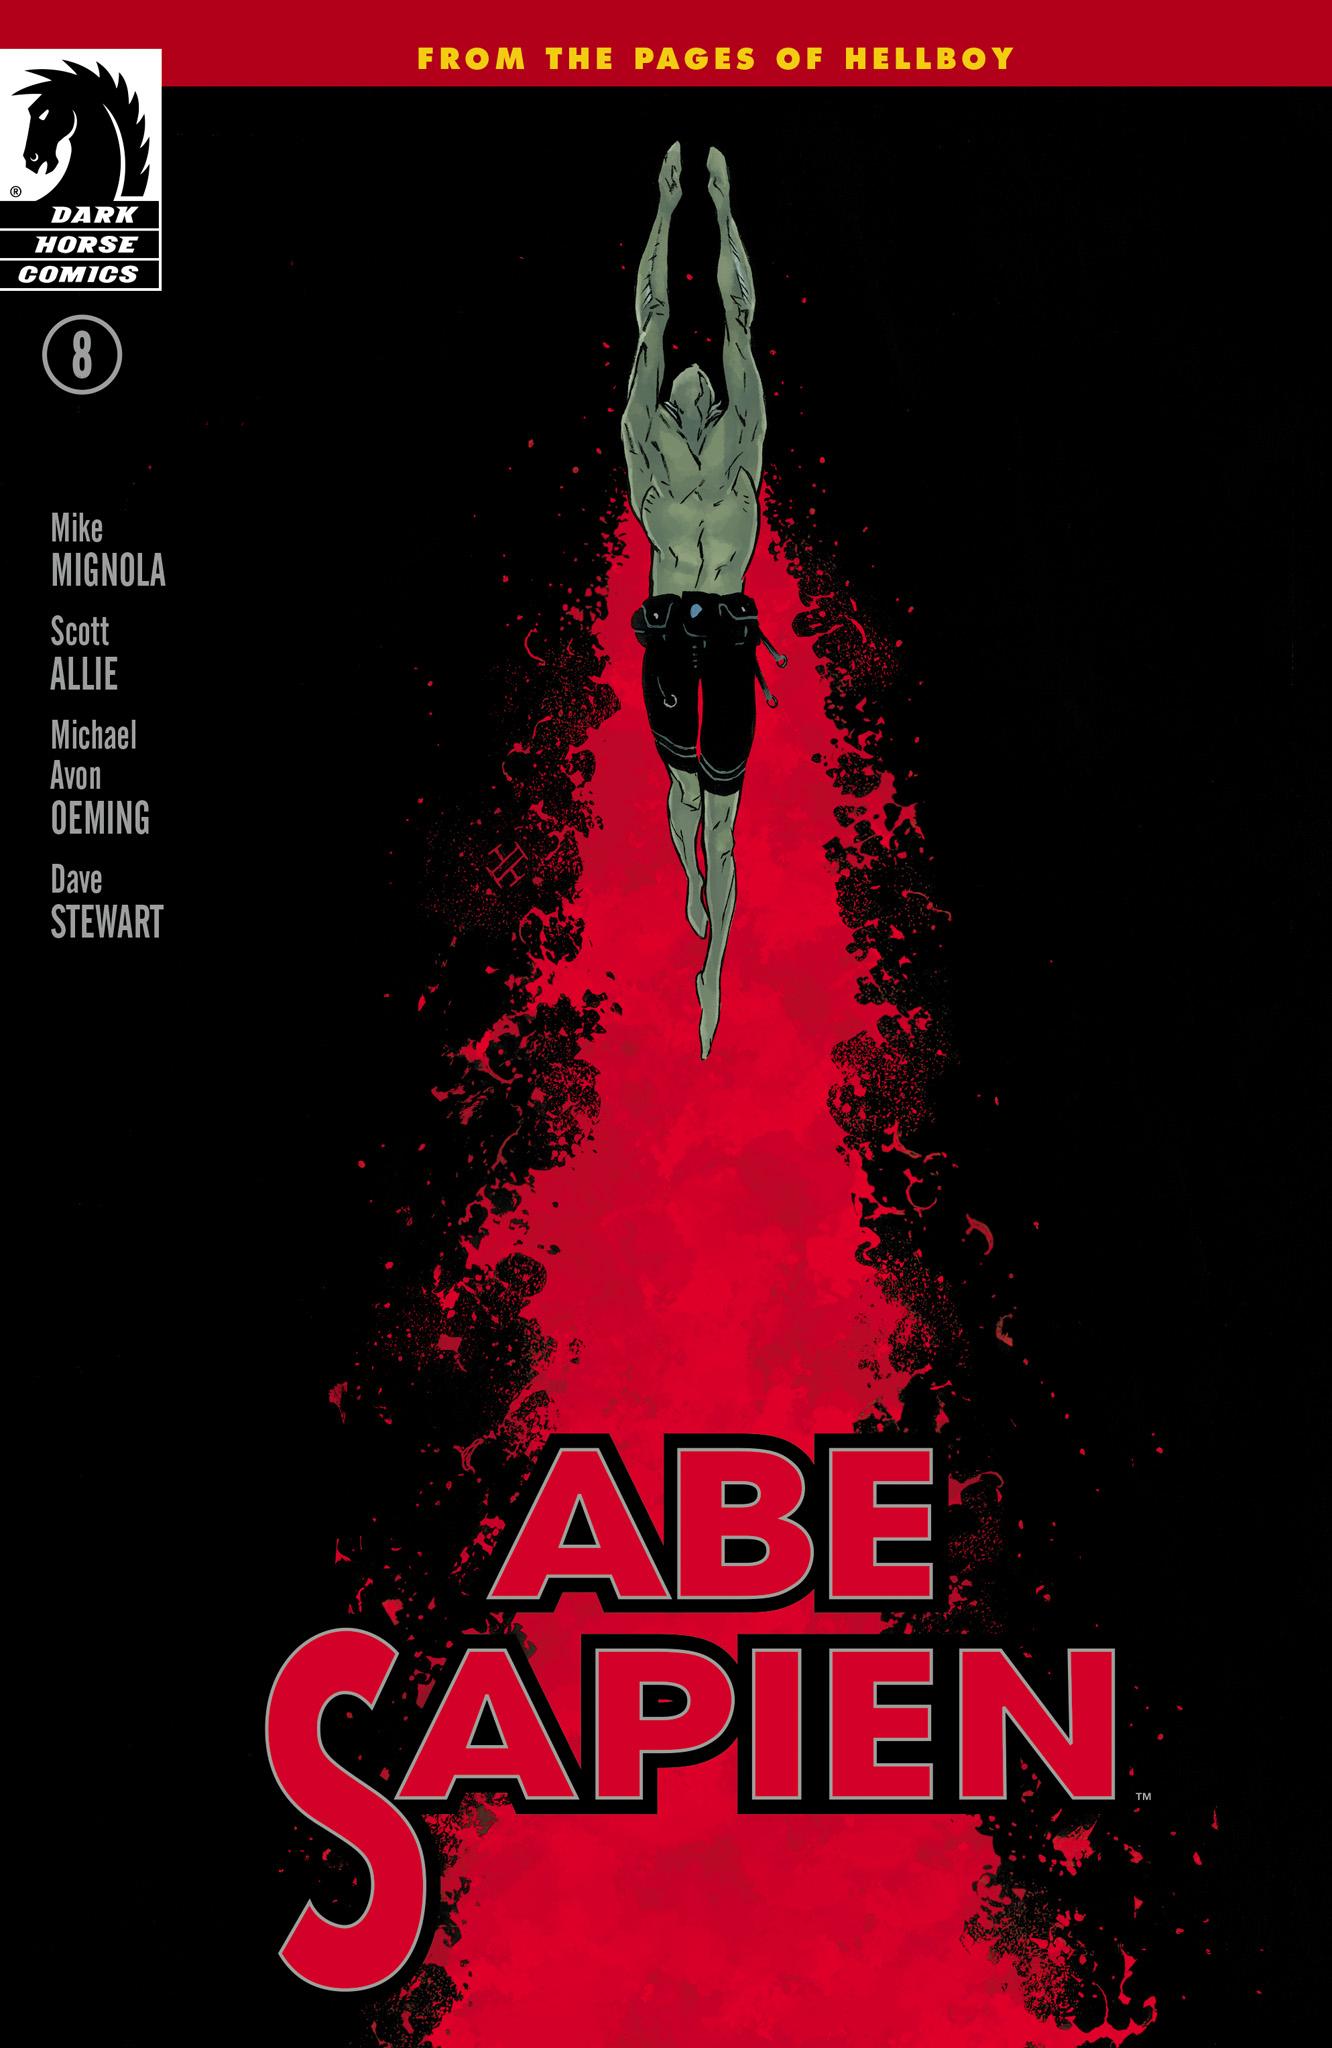 Read online Abe Sapien comic -  Issue #8 - 1